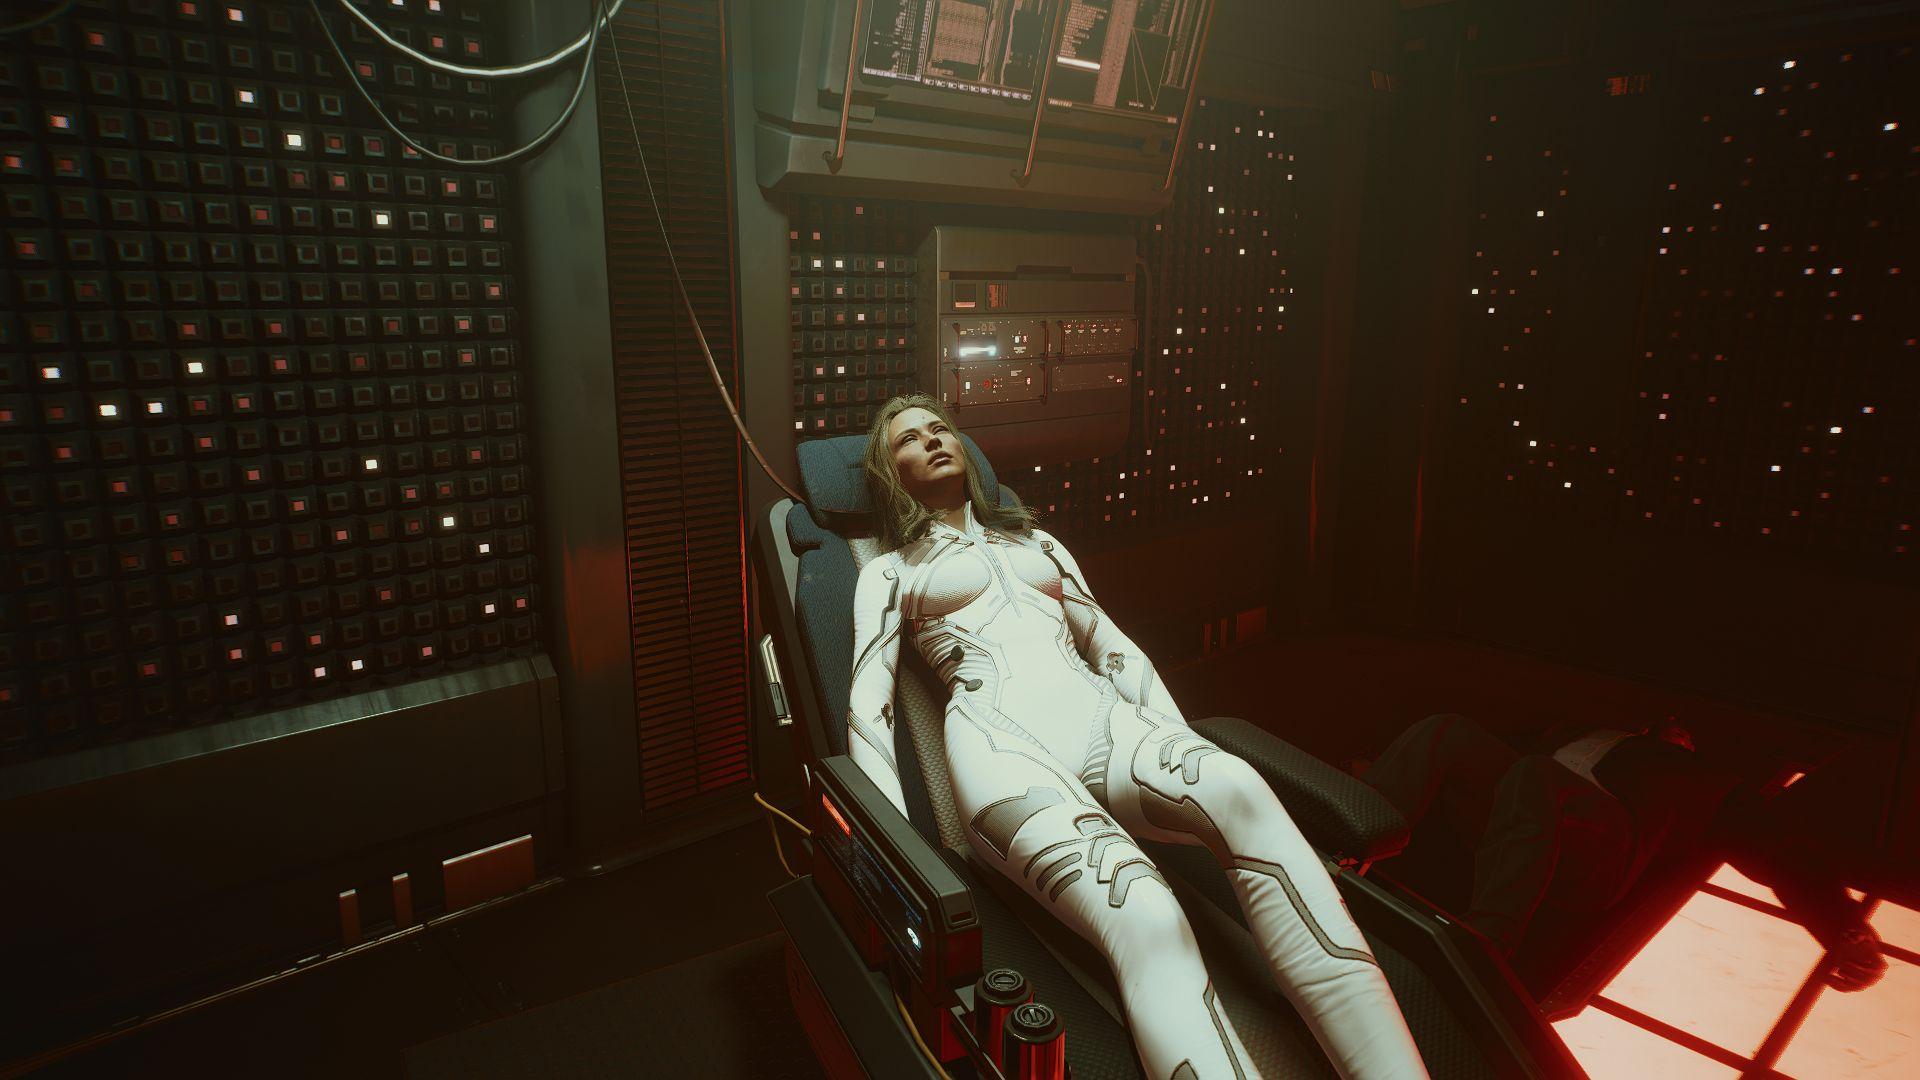 000275.Jpg - Cyberpunk 2077